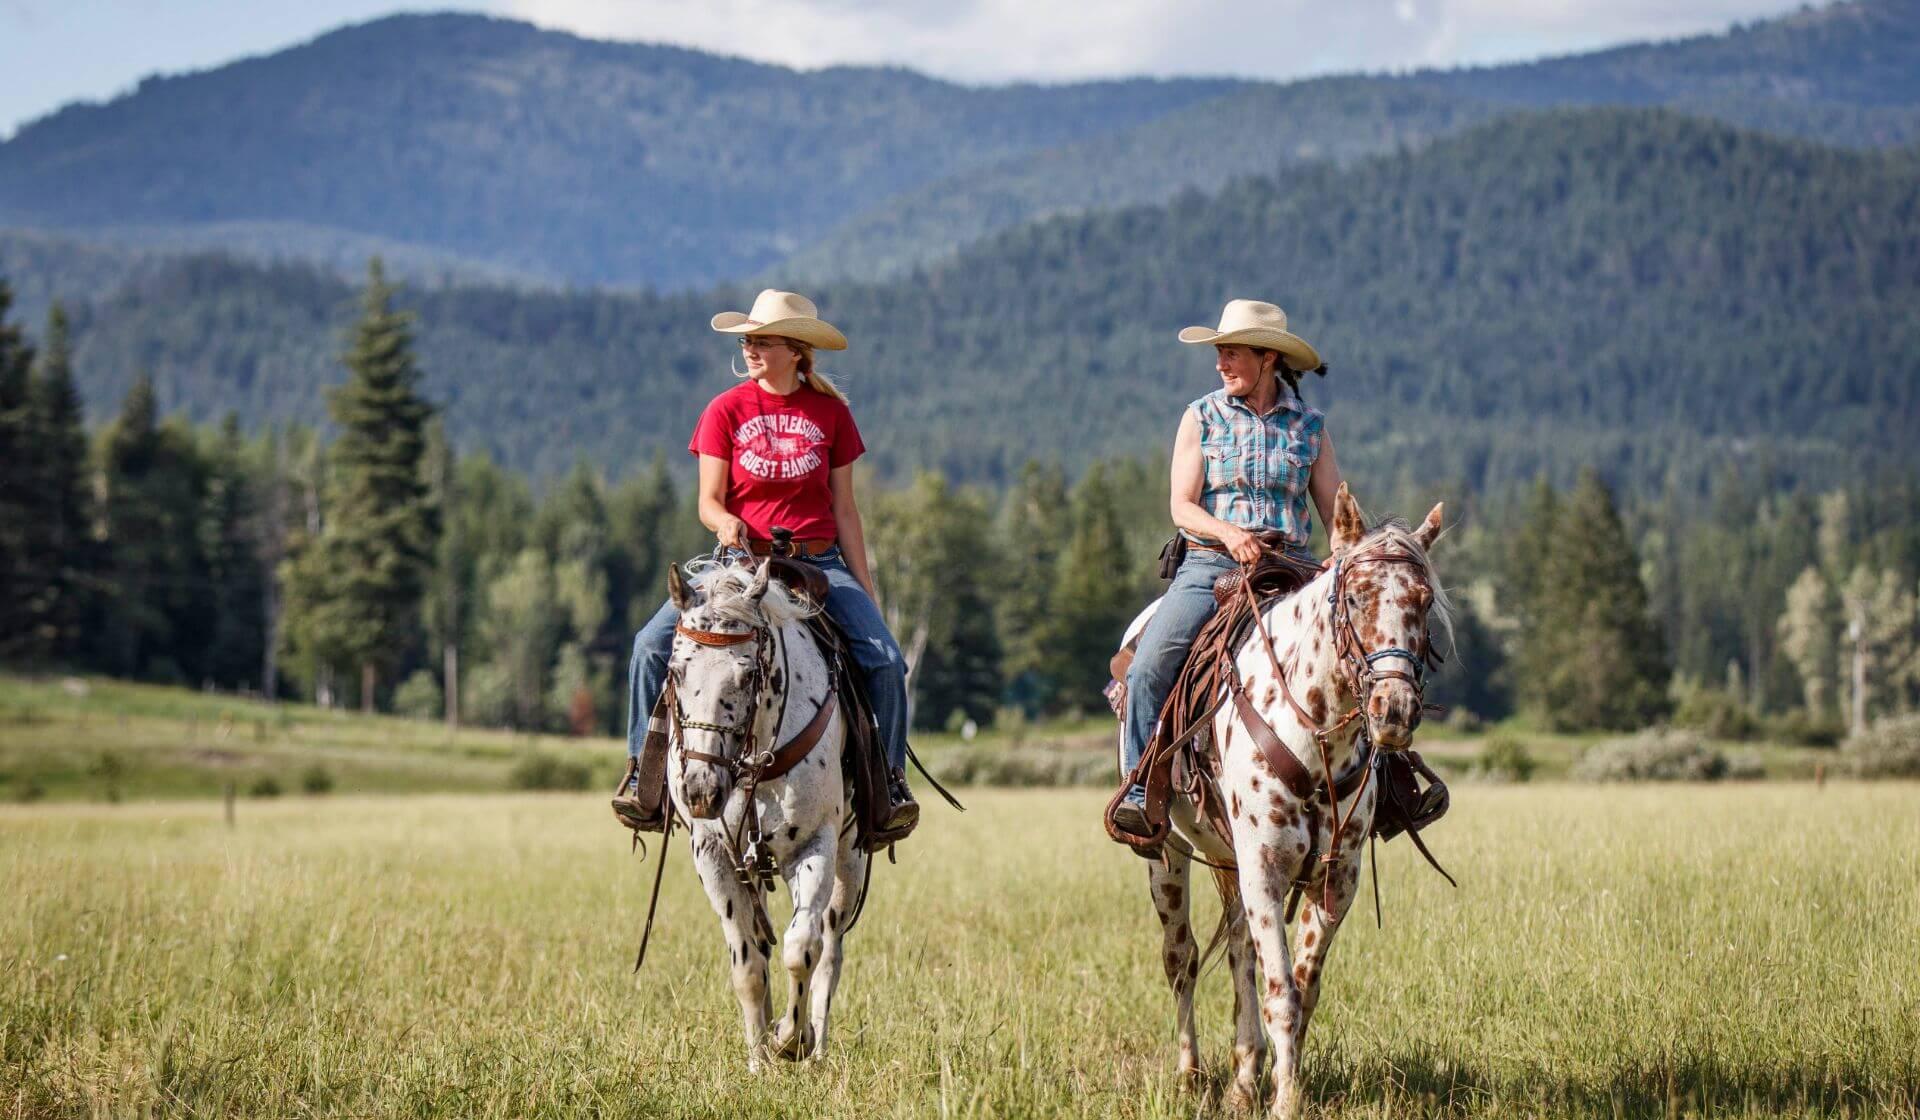 two women ride leopard Appaloosa horses across a green field